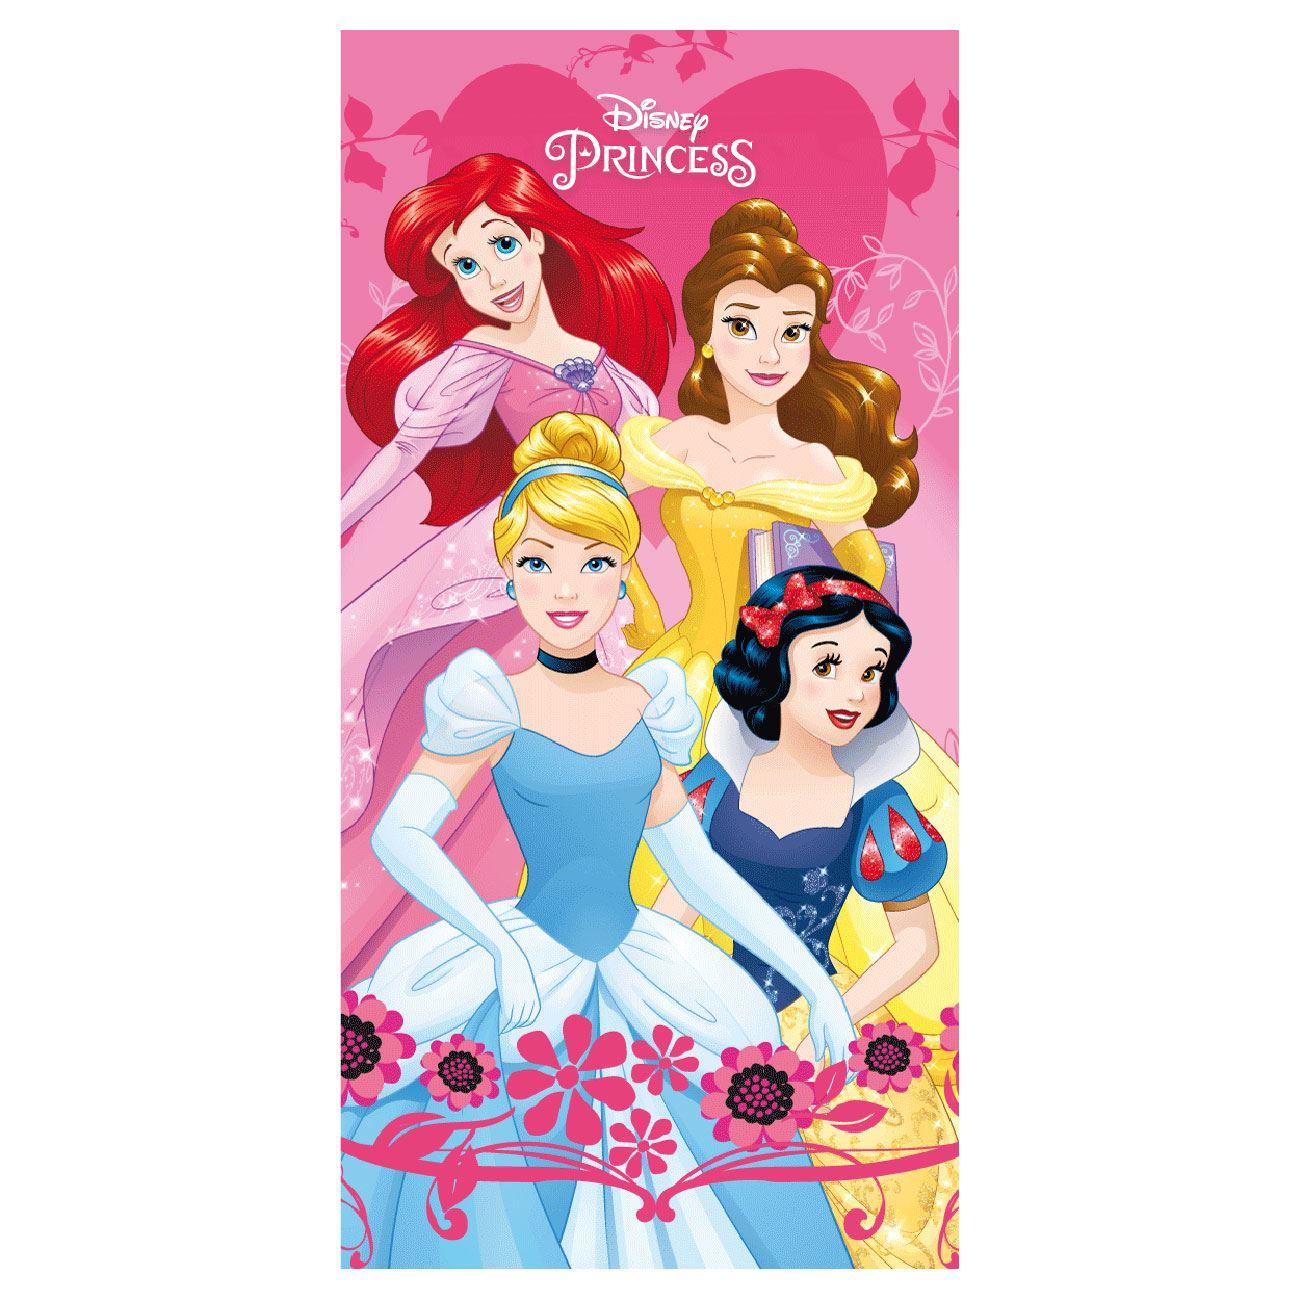 Disney Princess Arielle Sirène Serviette 70 cm x 140 cm serviette Serviettes